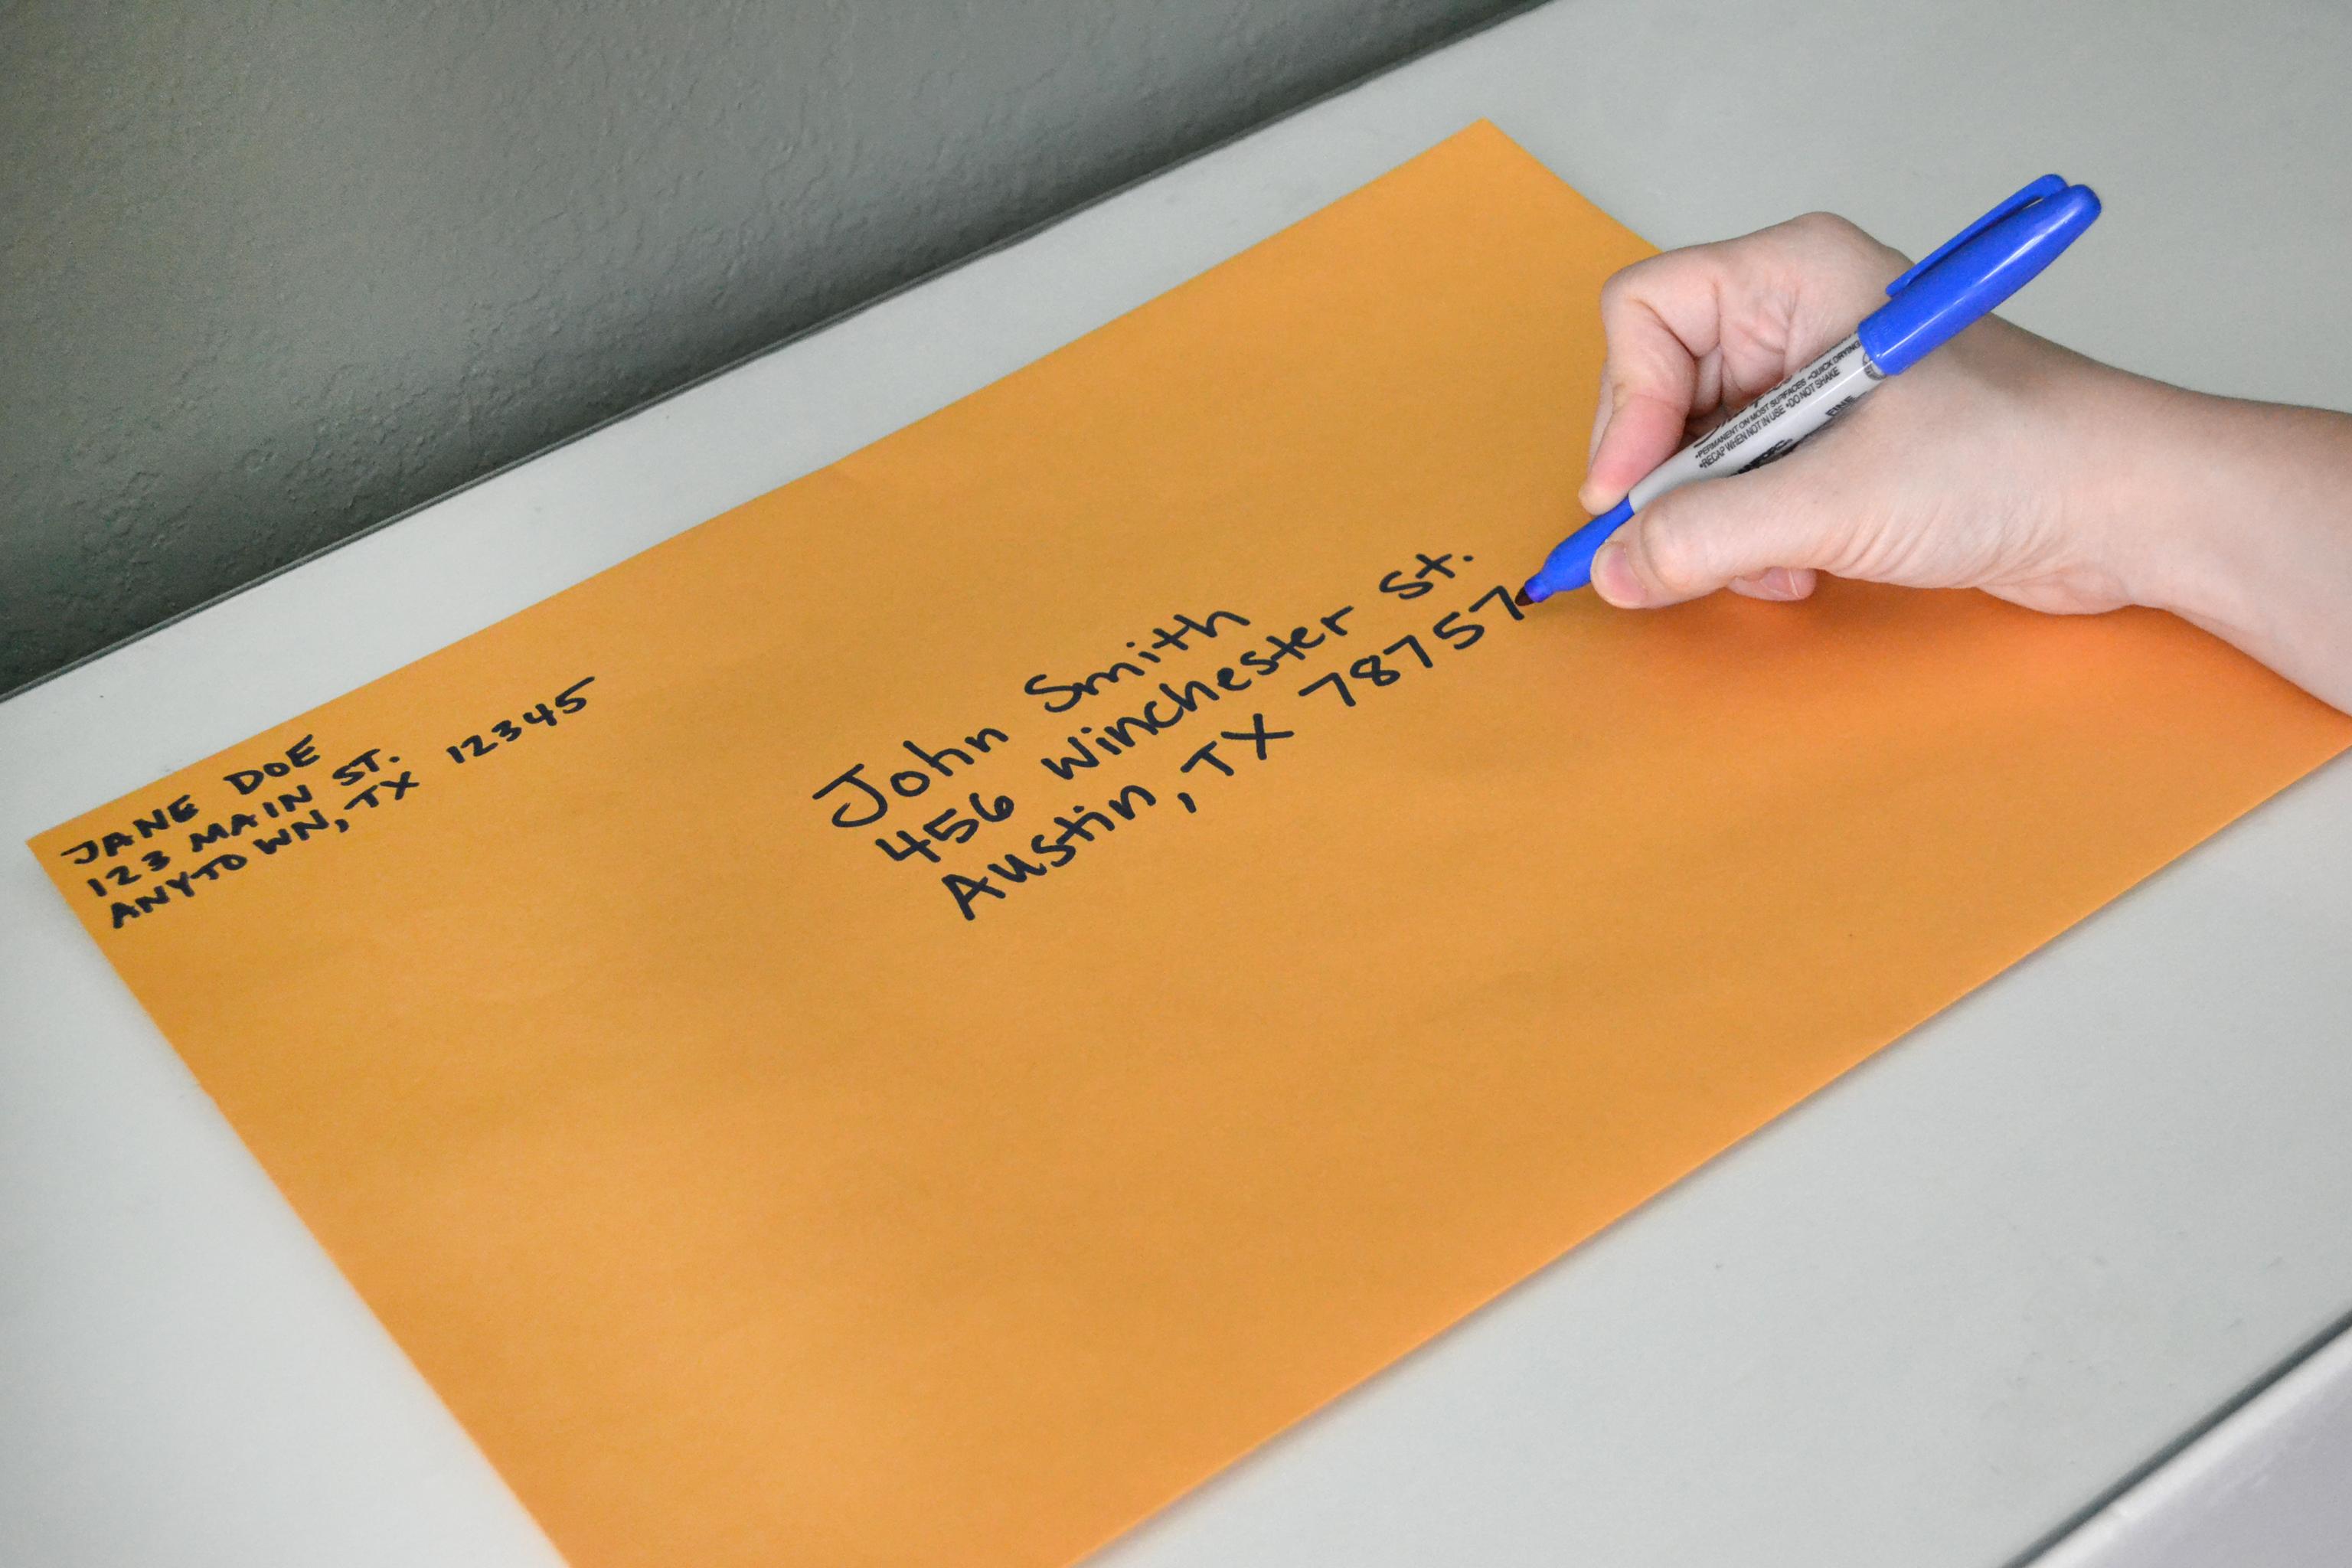 Correct Way Of Writing Addresses On Envelopes Uk